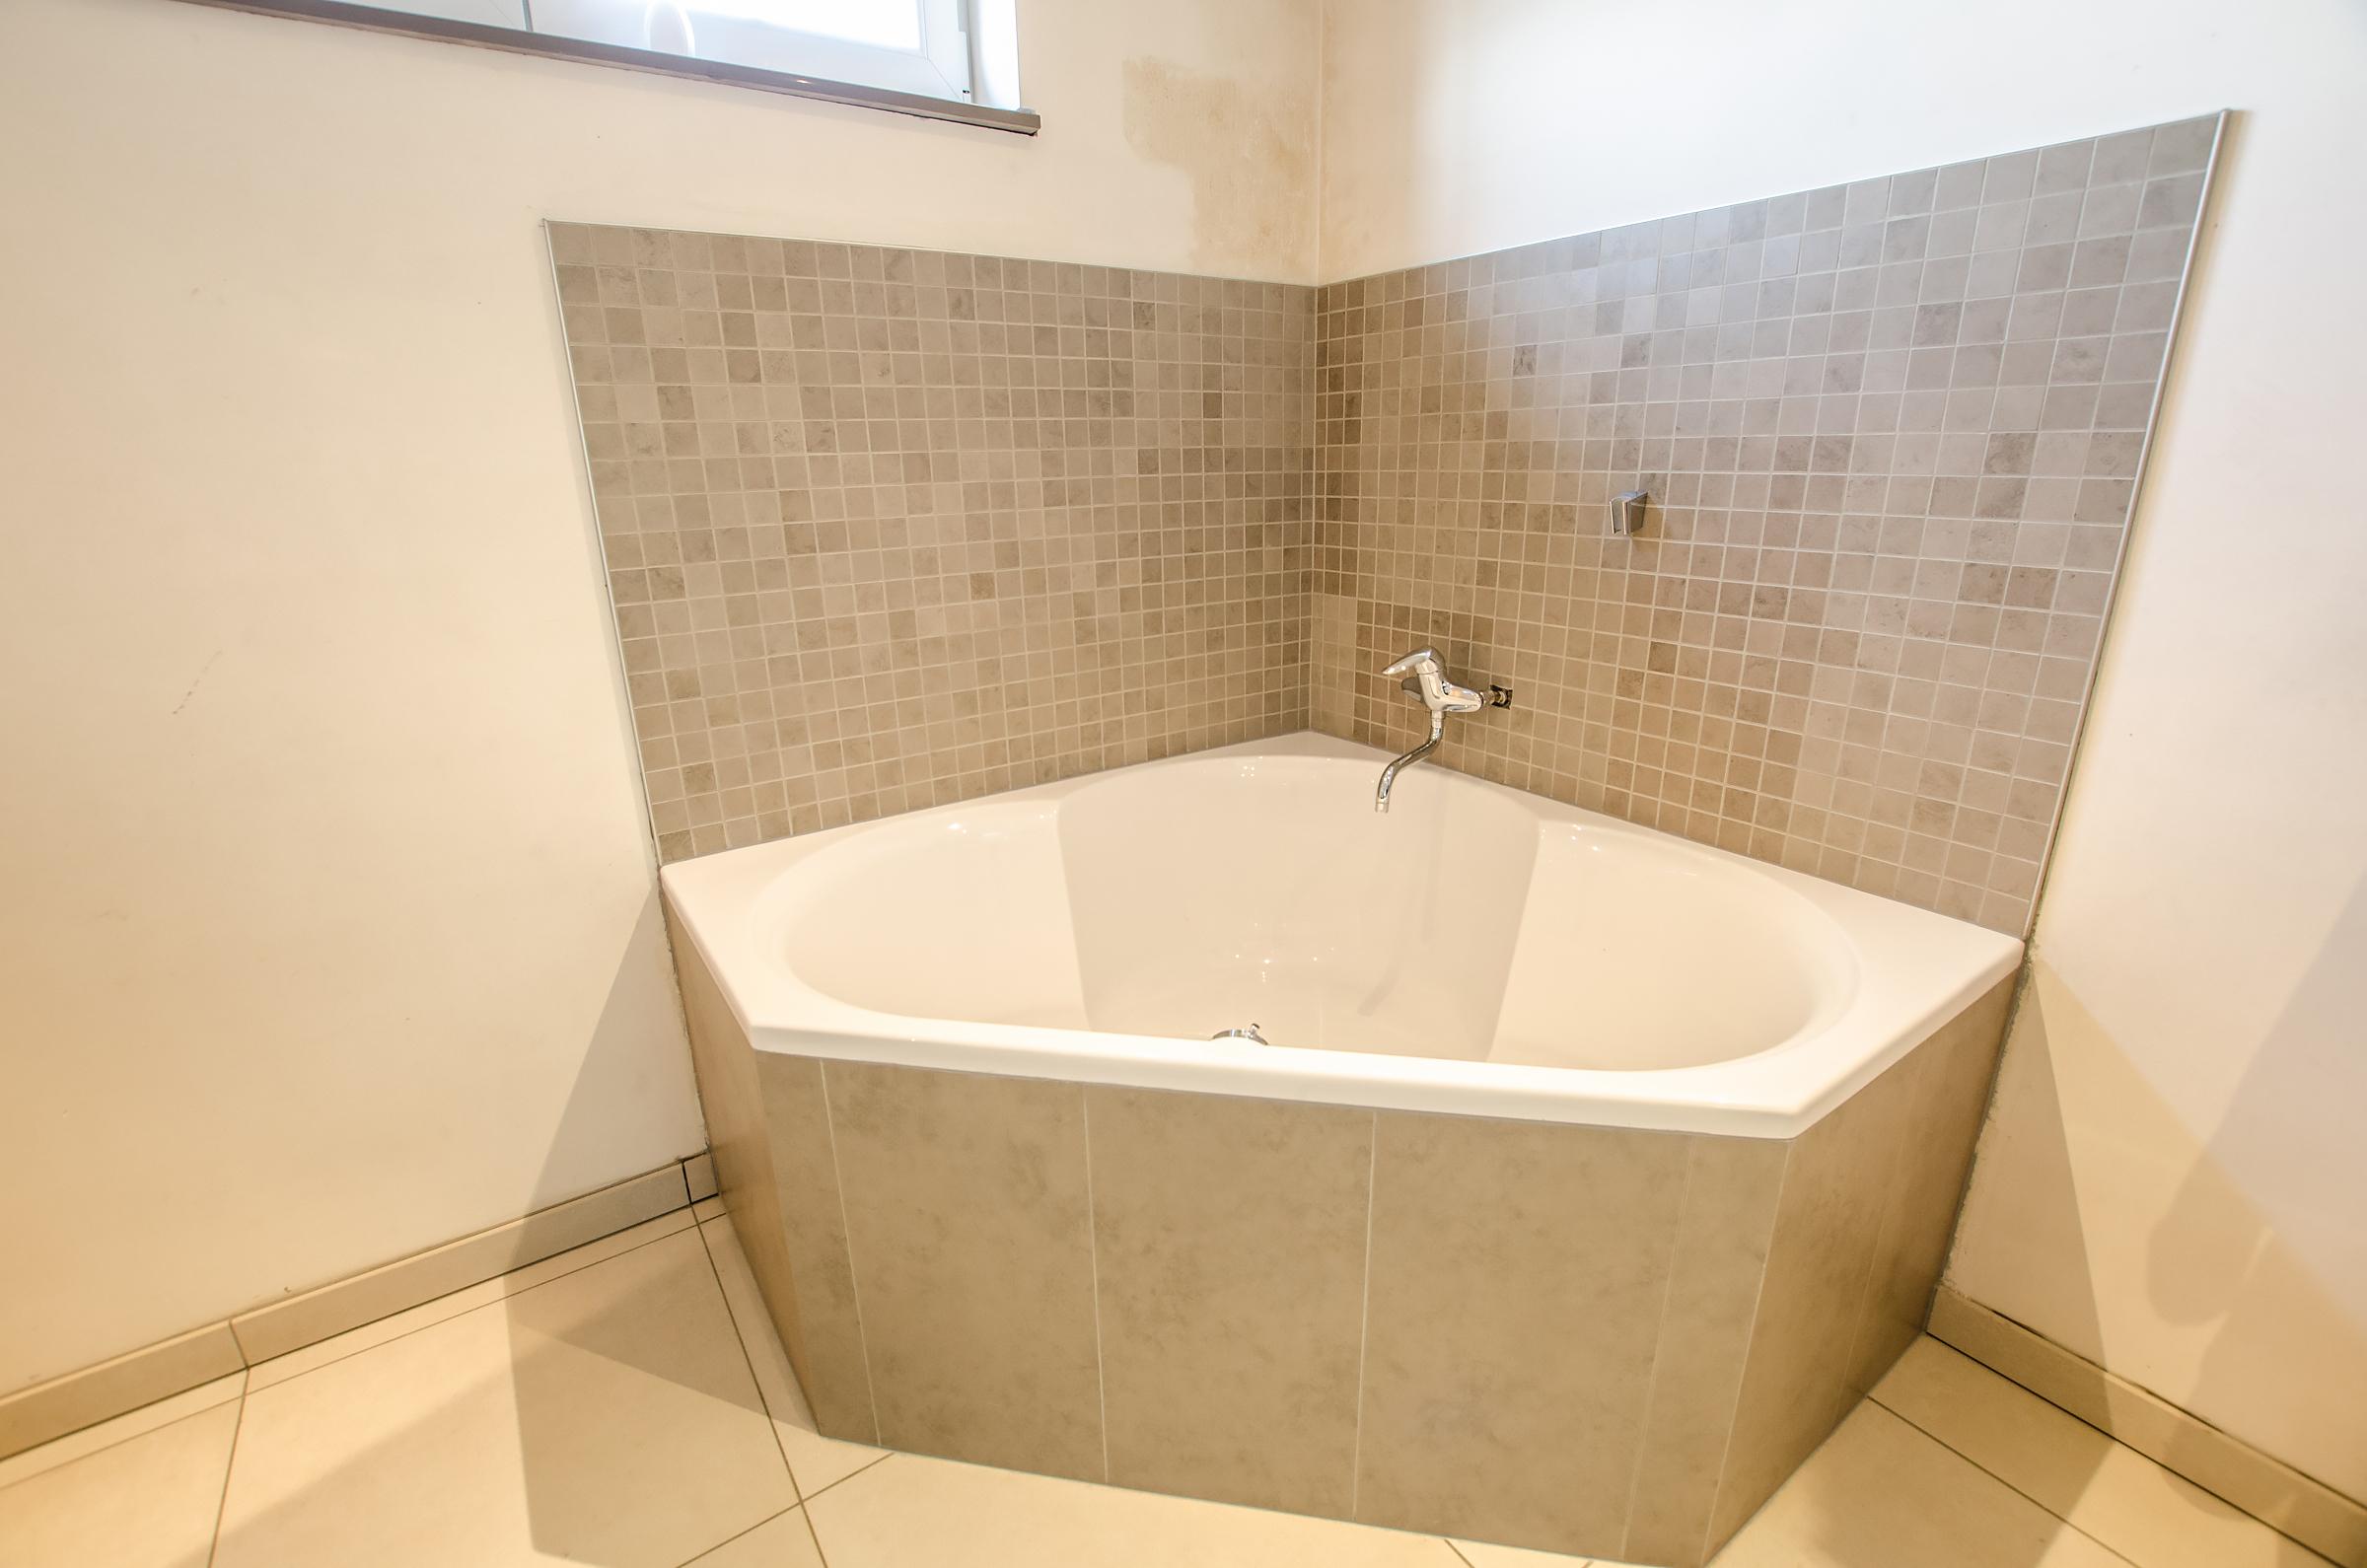 Tegelwerken bij bouwwerken vandewalle lammers te moorslede meer dan 15 jaar ervaring in - Een mooie badkamer ...